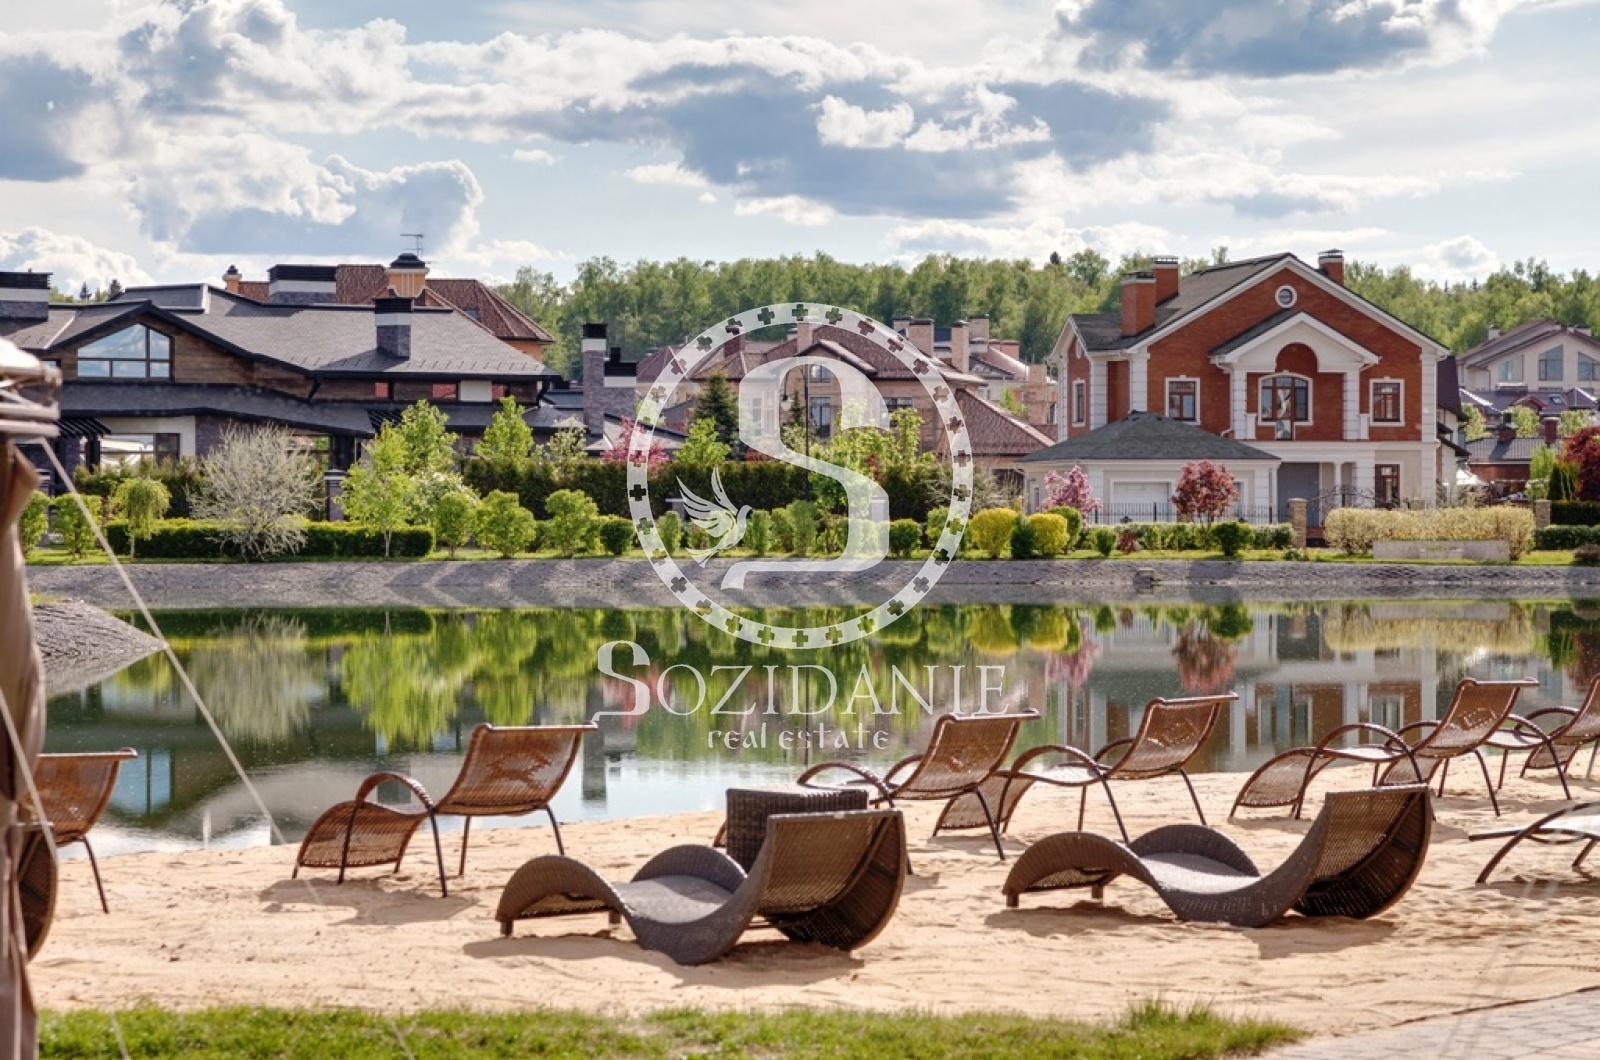 4 Bedrooms, Загородная, Продажа, Listing ID 1242, Московская область, Россия,